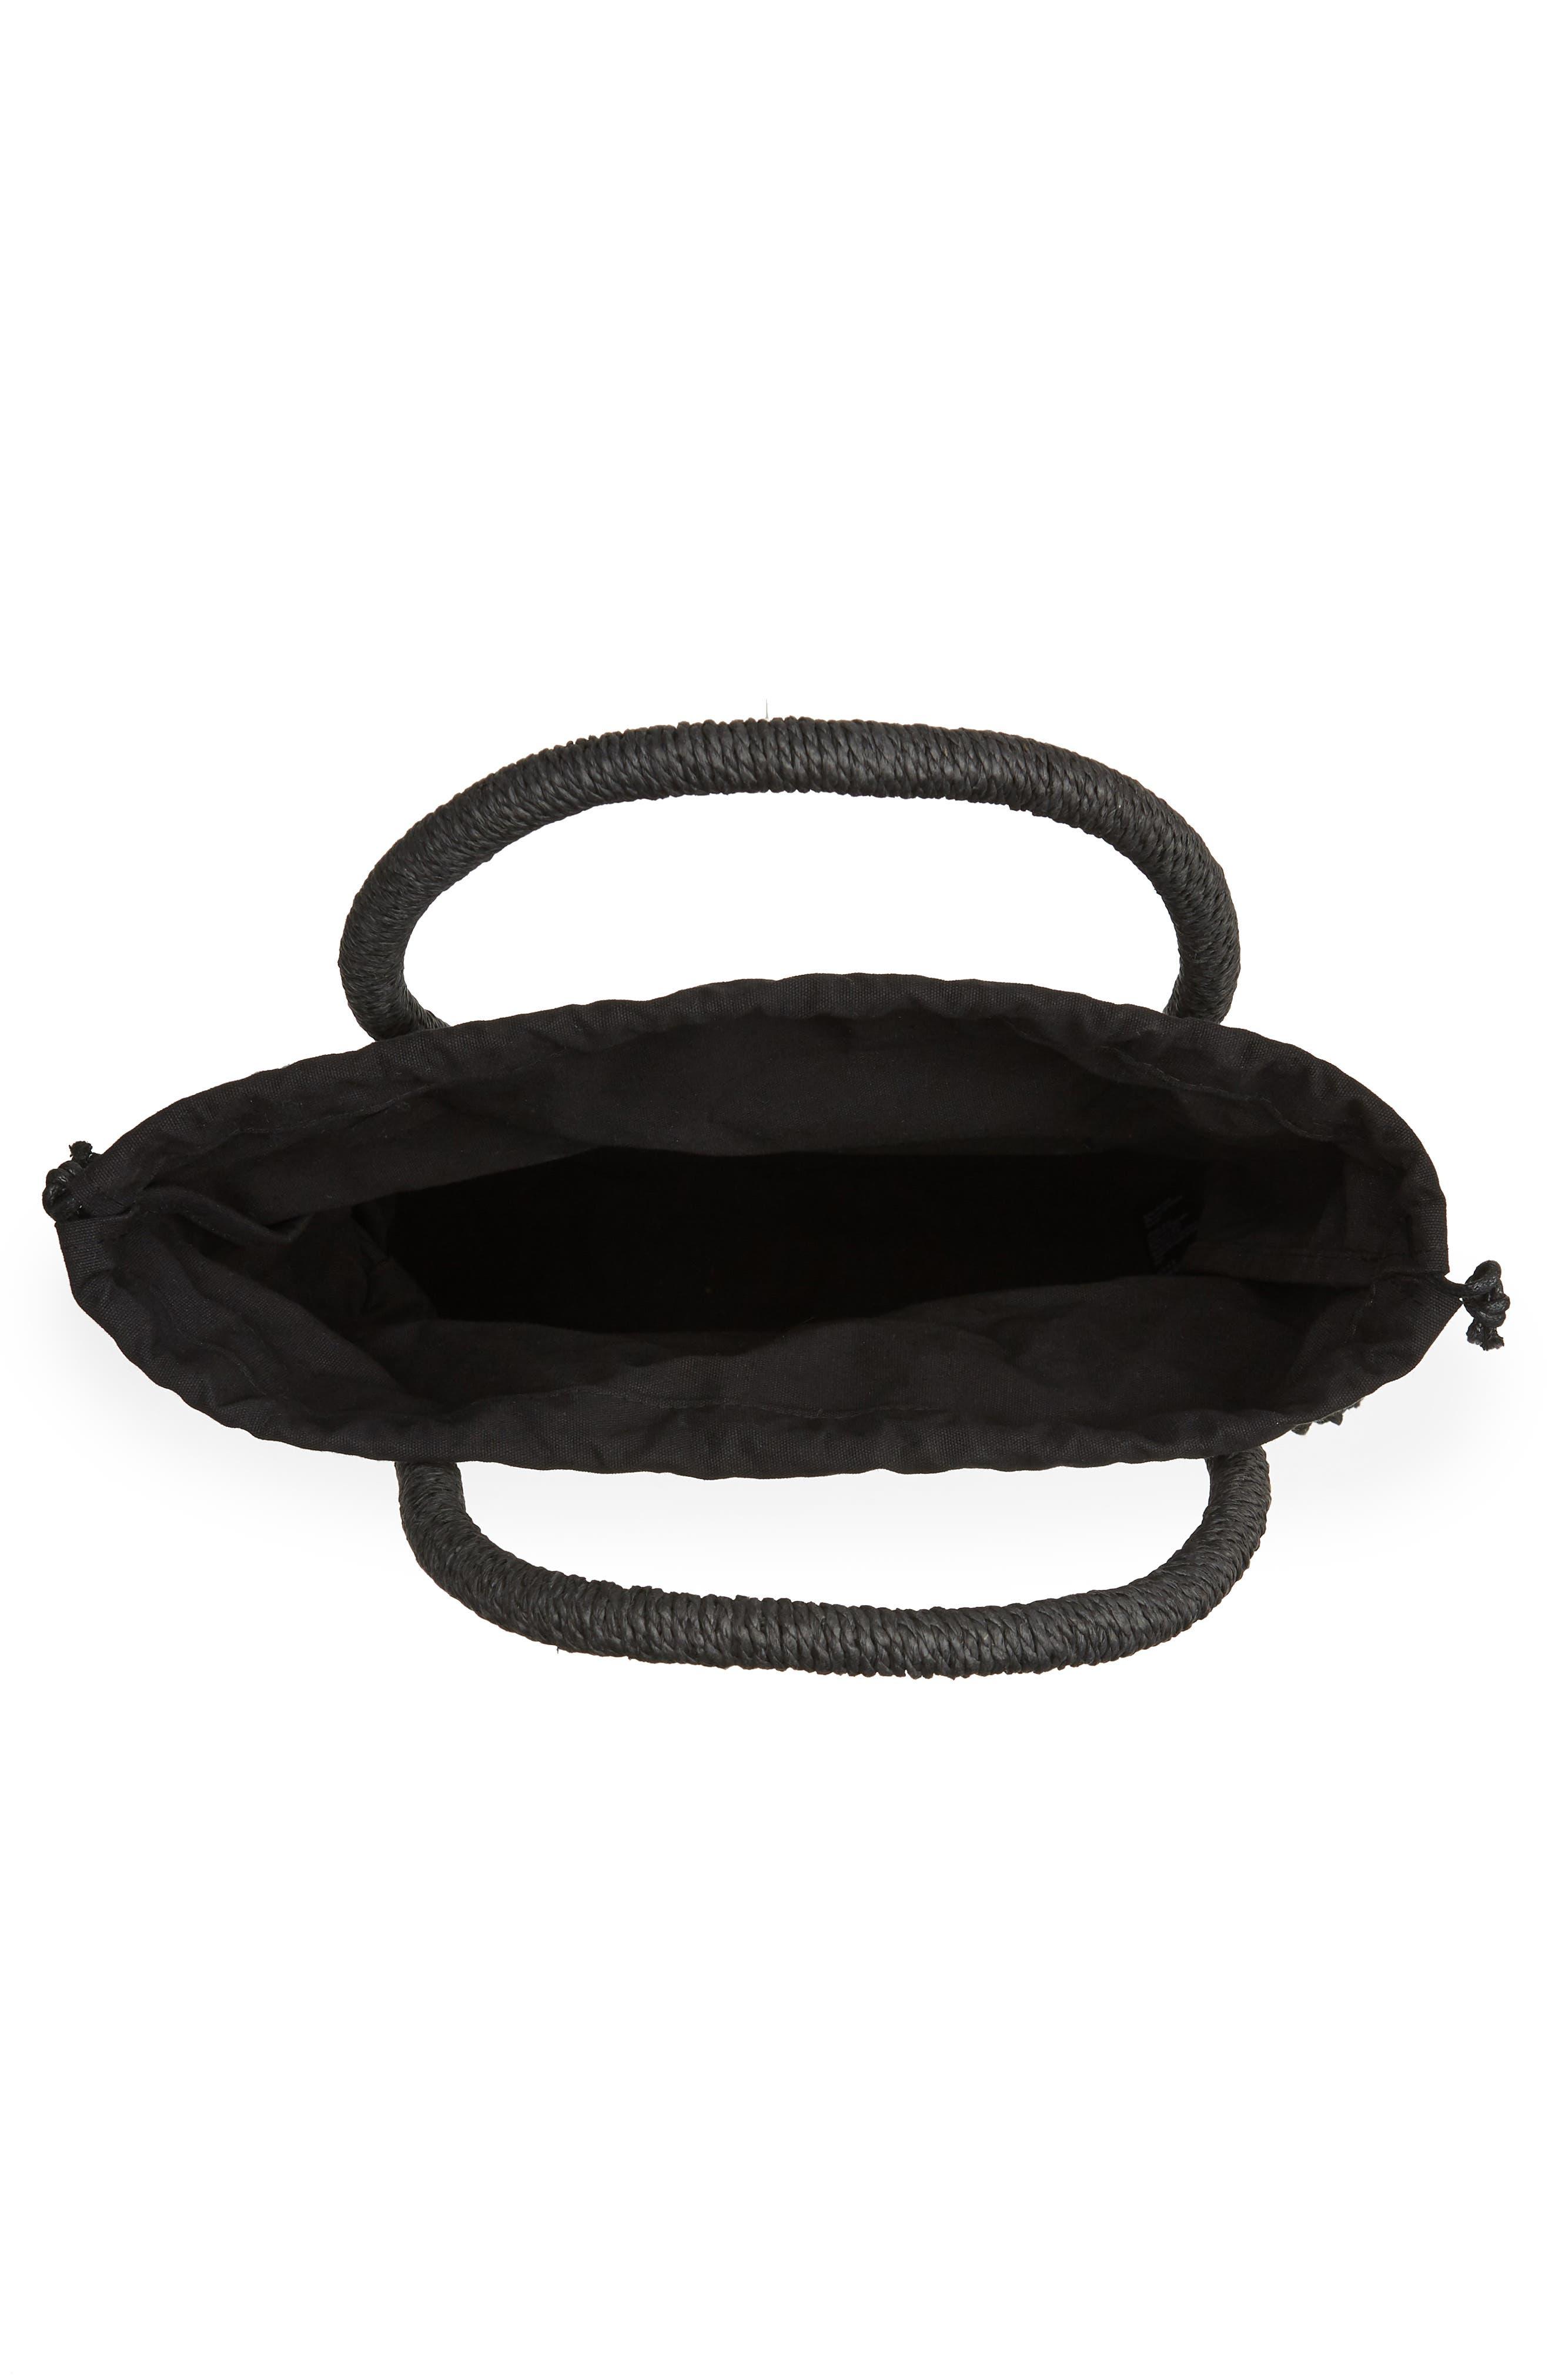 Bella Straw Circle Tote Handbag,                             Alternate thumbnail 4, color,                             BLACK